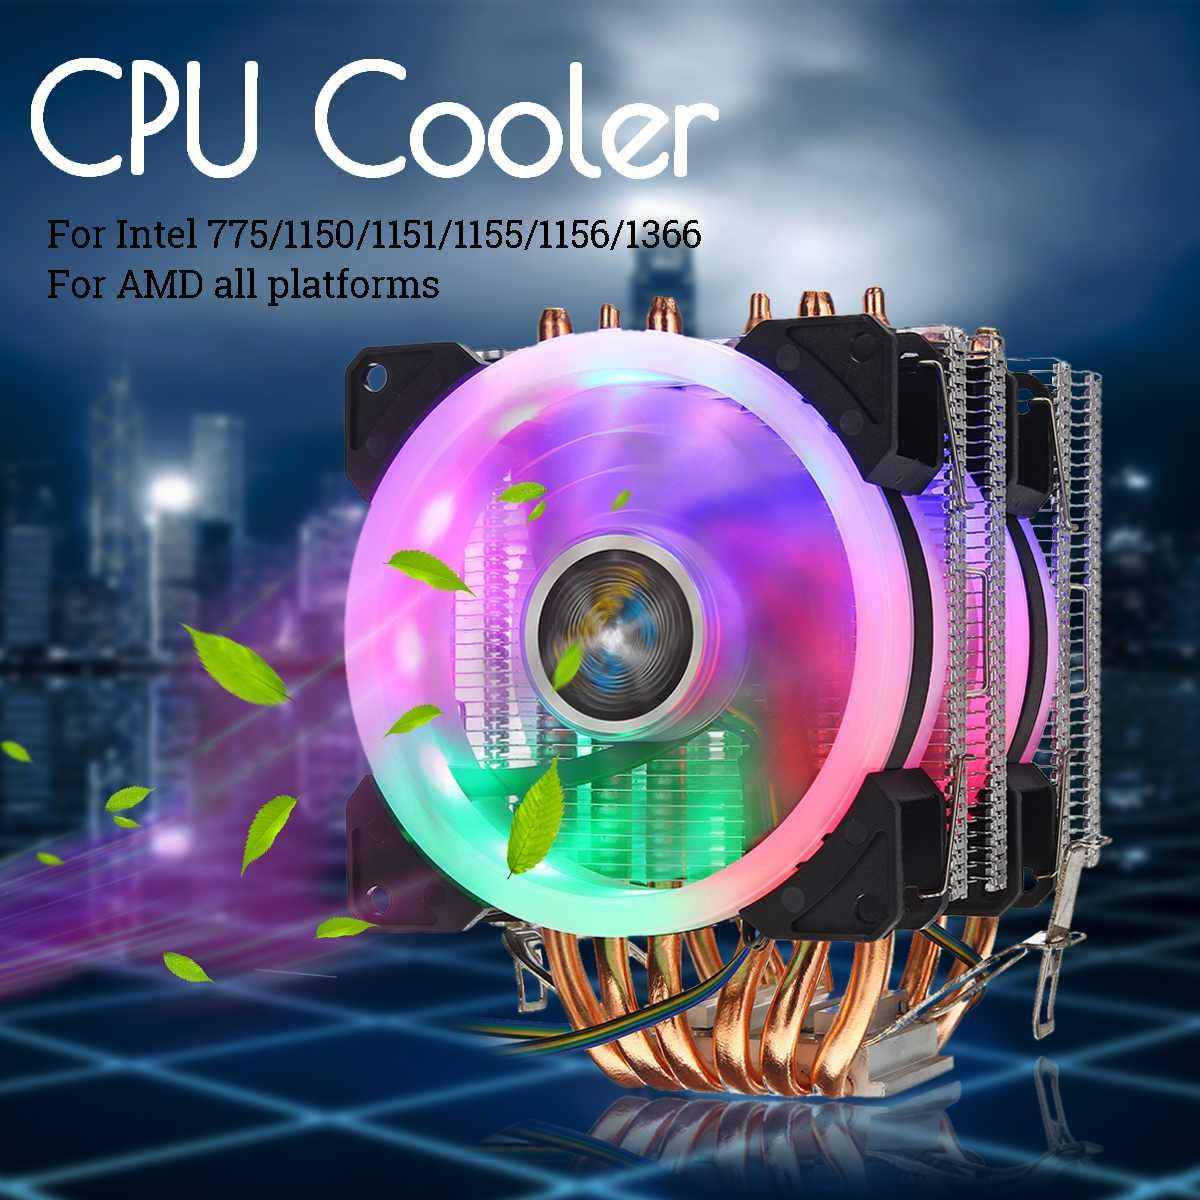 6 Heatpipe CPU Cooler Fan 4Pin RGB LED Dissipador de Calor Do Radiador de Refrigeração Ventilador Silencioso para Intel 775/1150/1151 /1155/1156/1366 Tudo para AMD